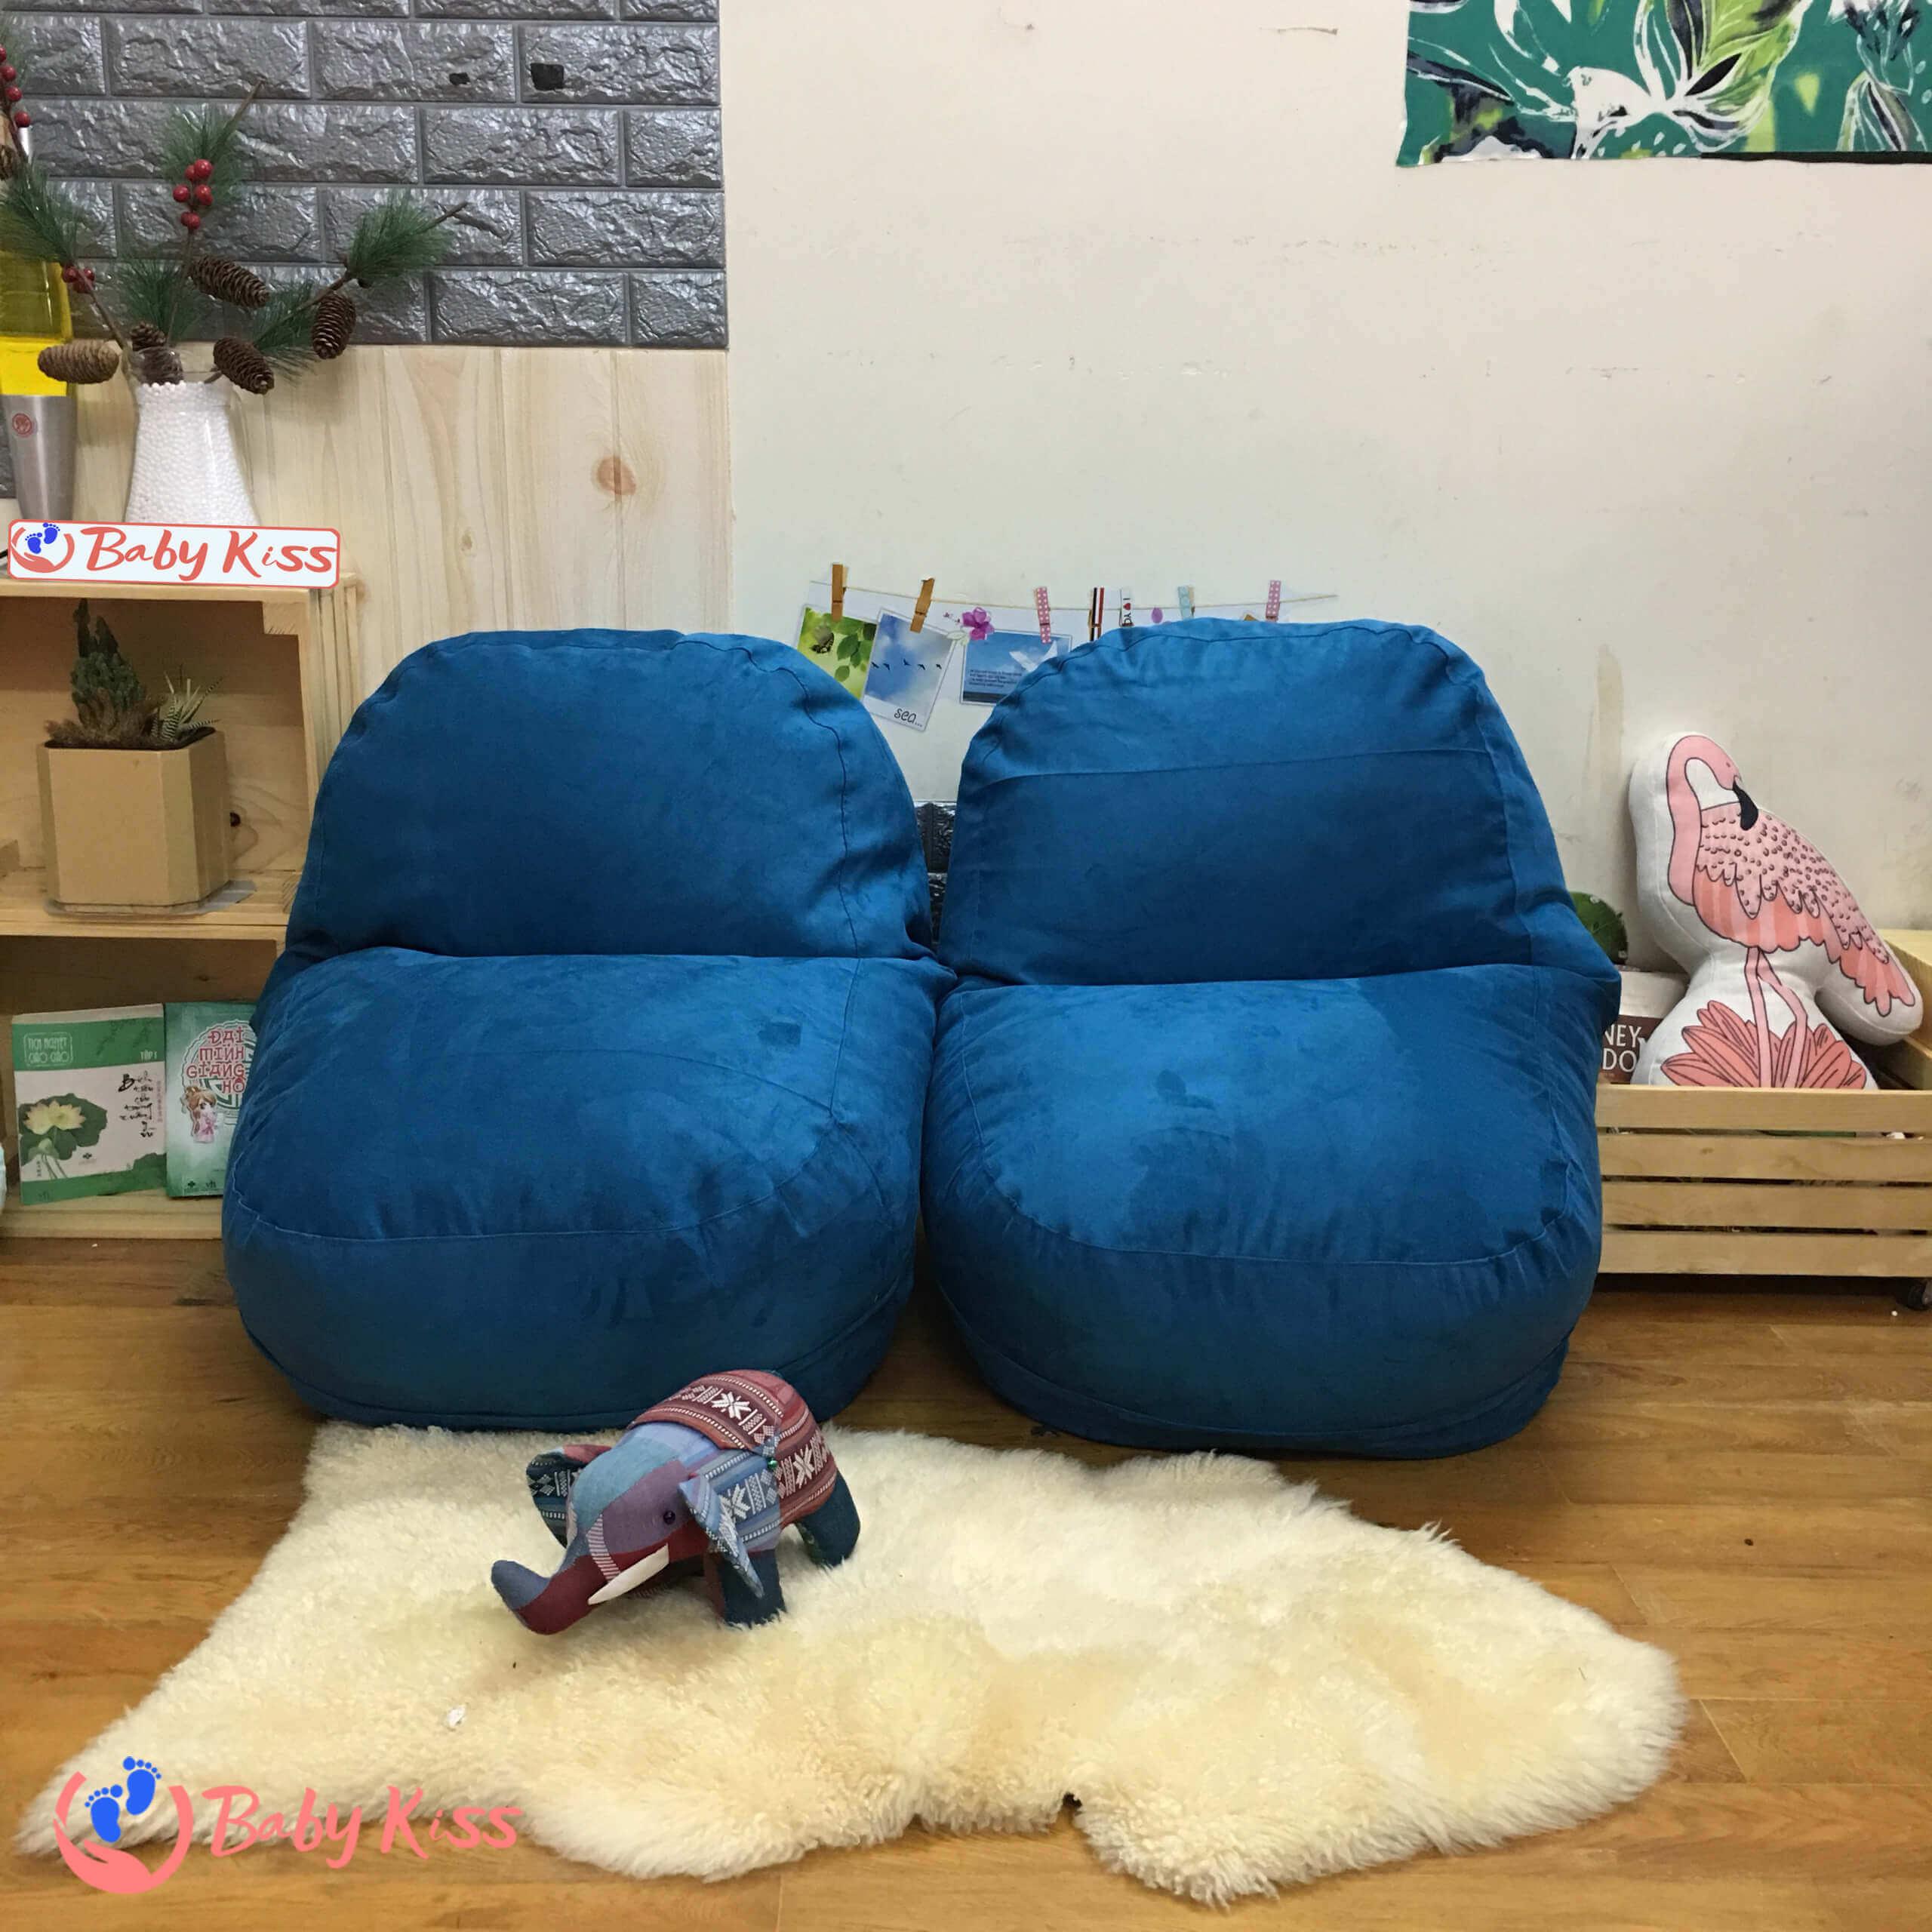 Gối lười ghế lười hạt xốp tại Quận Phú Nhuận TPHCM giá rẻ